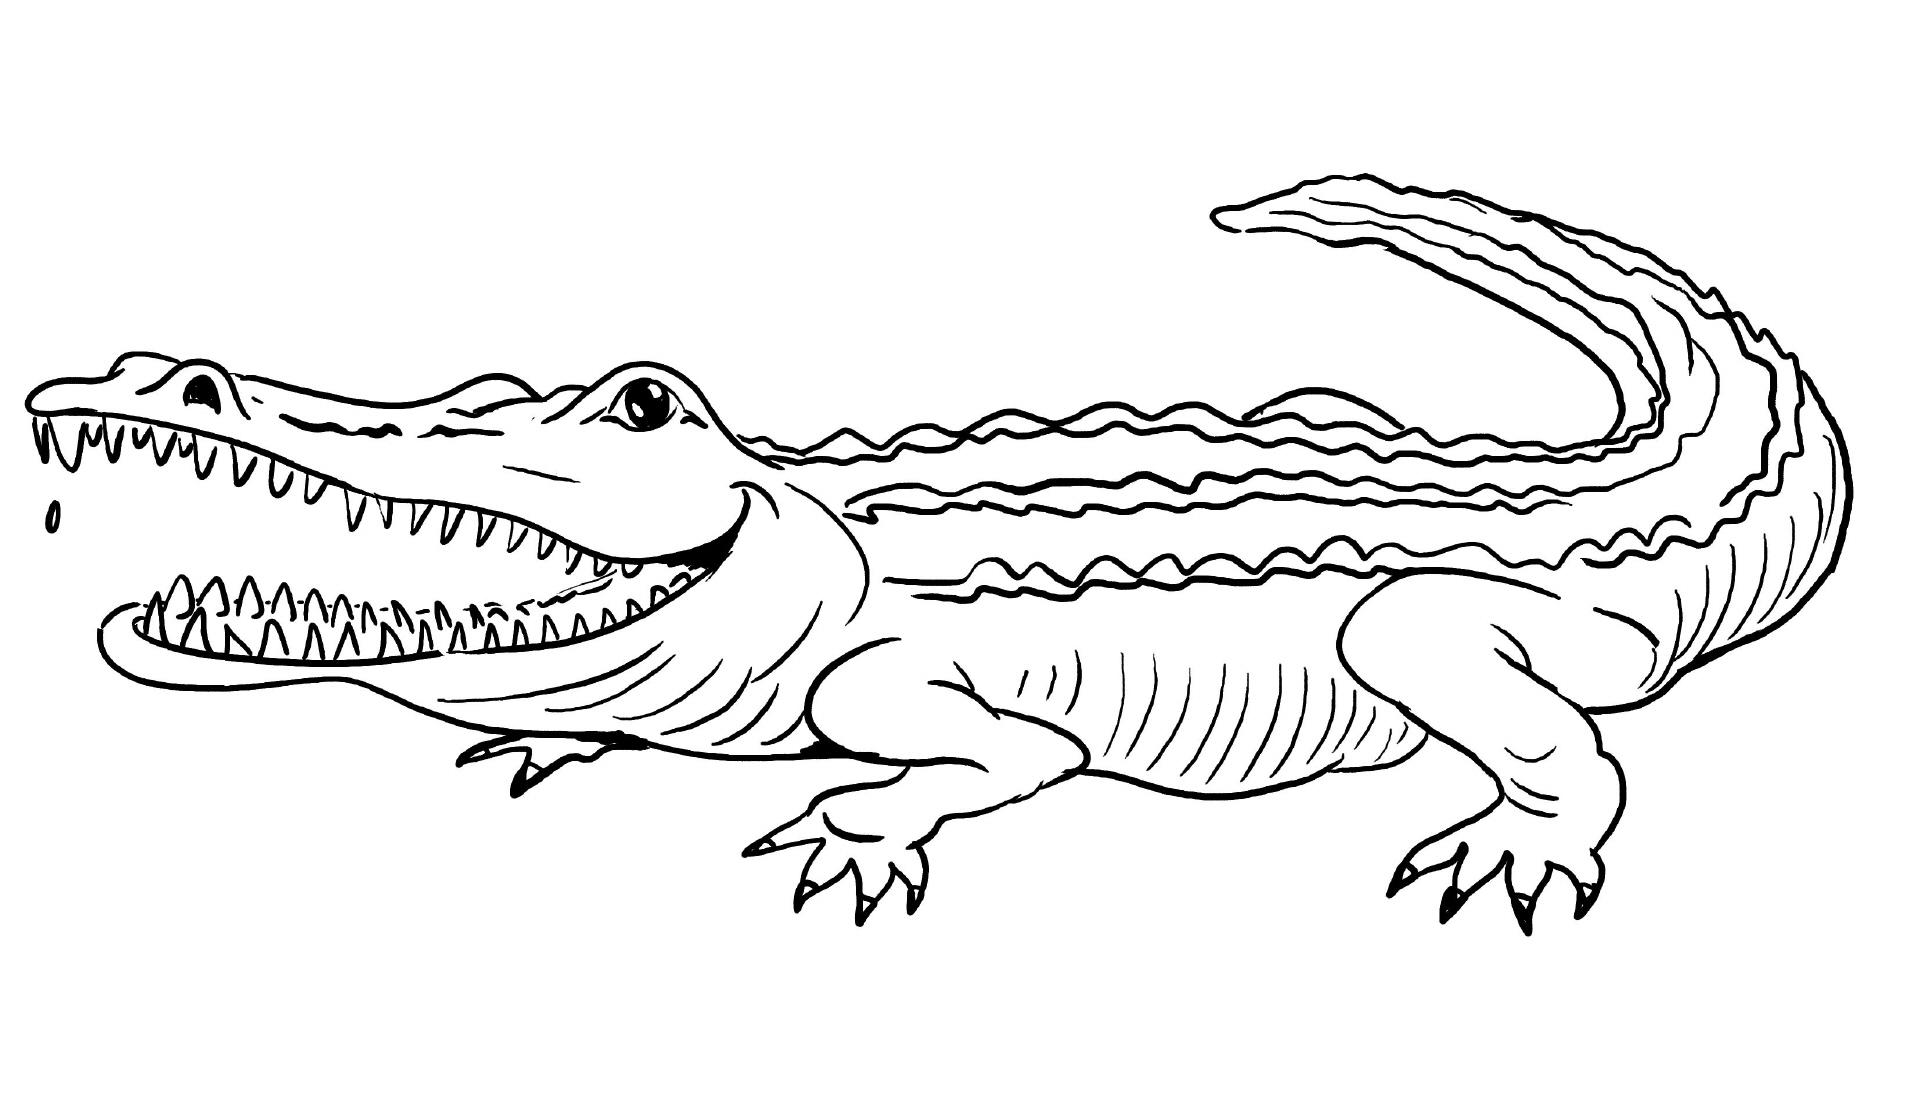 30 Krokodil Bilder Zum Ausmalen - Besten Bilder Von Ausmalbilder mit Krokodil Zum Ausmalen